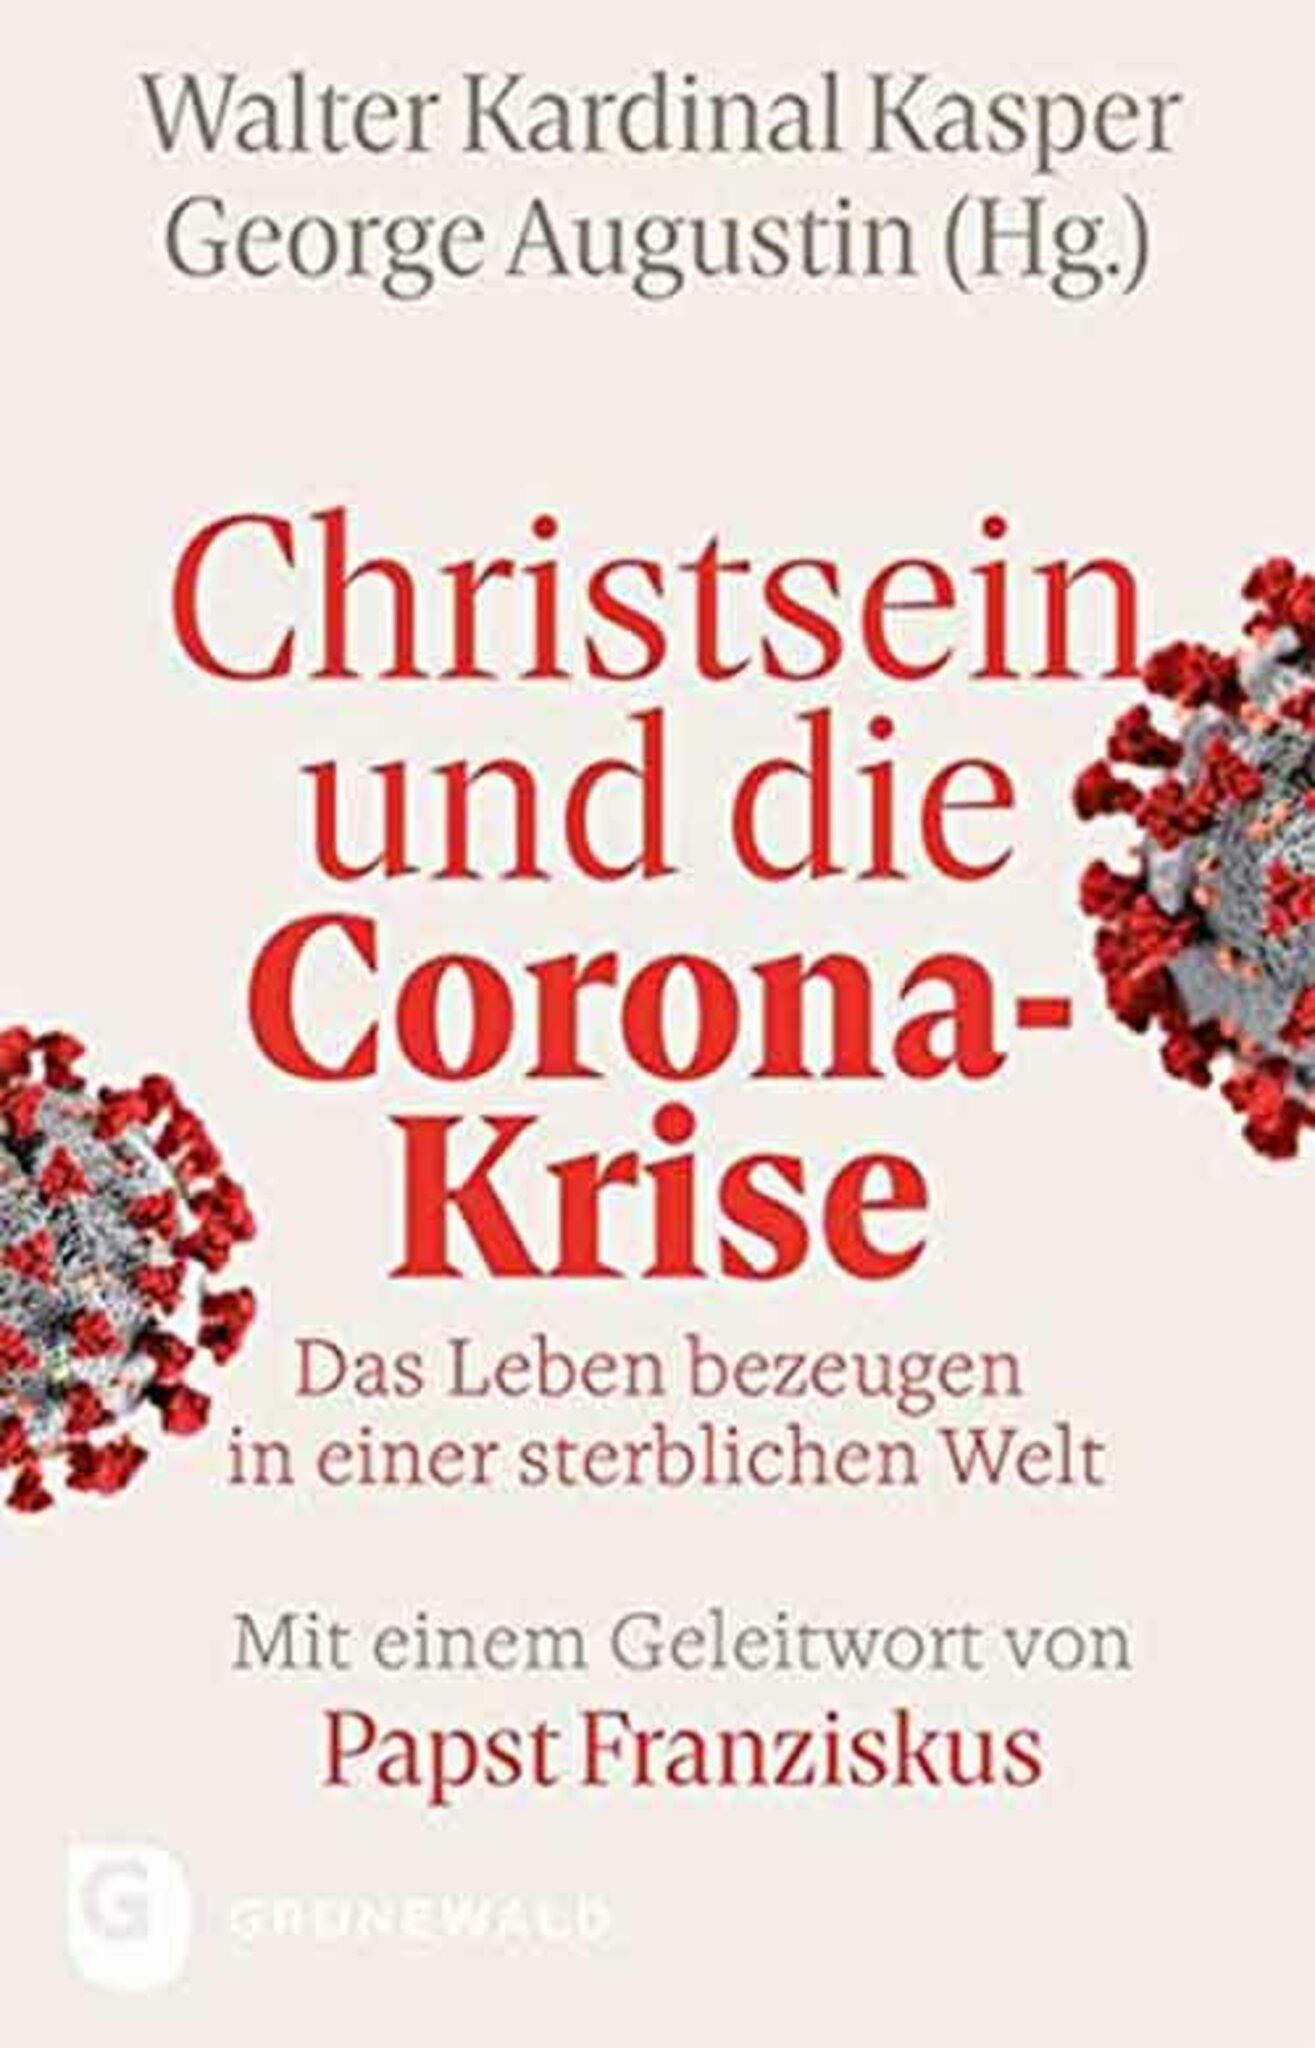 Christsein und die Corona-Krise